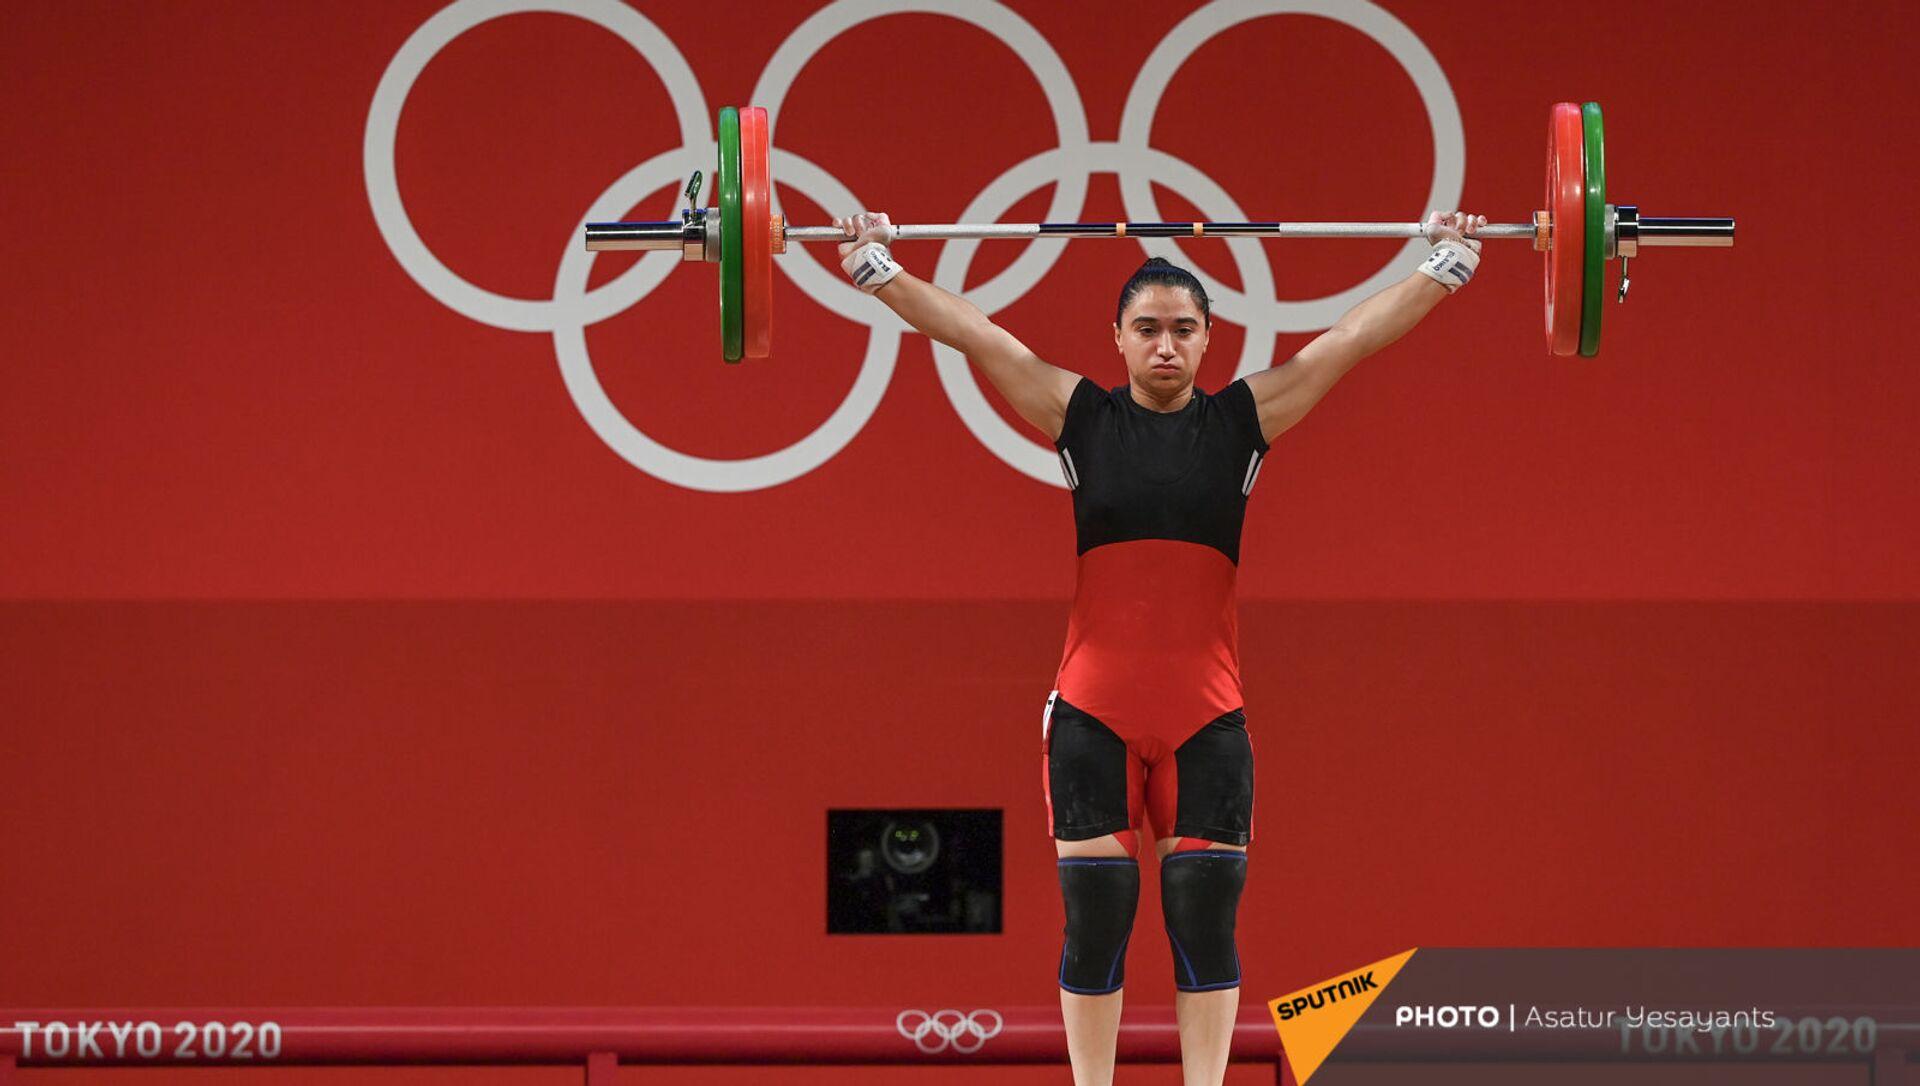 Выступление тяжелоатлетки Изабеллы Ялян на Олимпийских играх в Токио (27 июля 2021). Япония - Sputnik Արմենիա, 1920, 27.07.2021